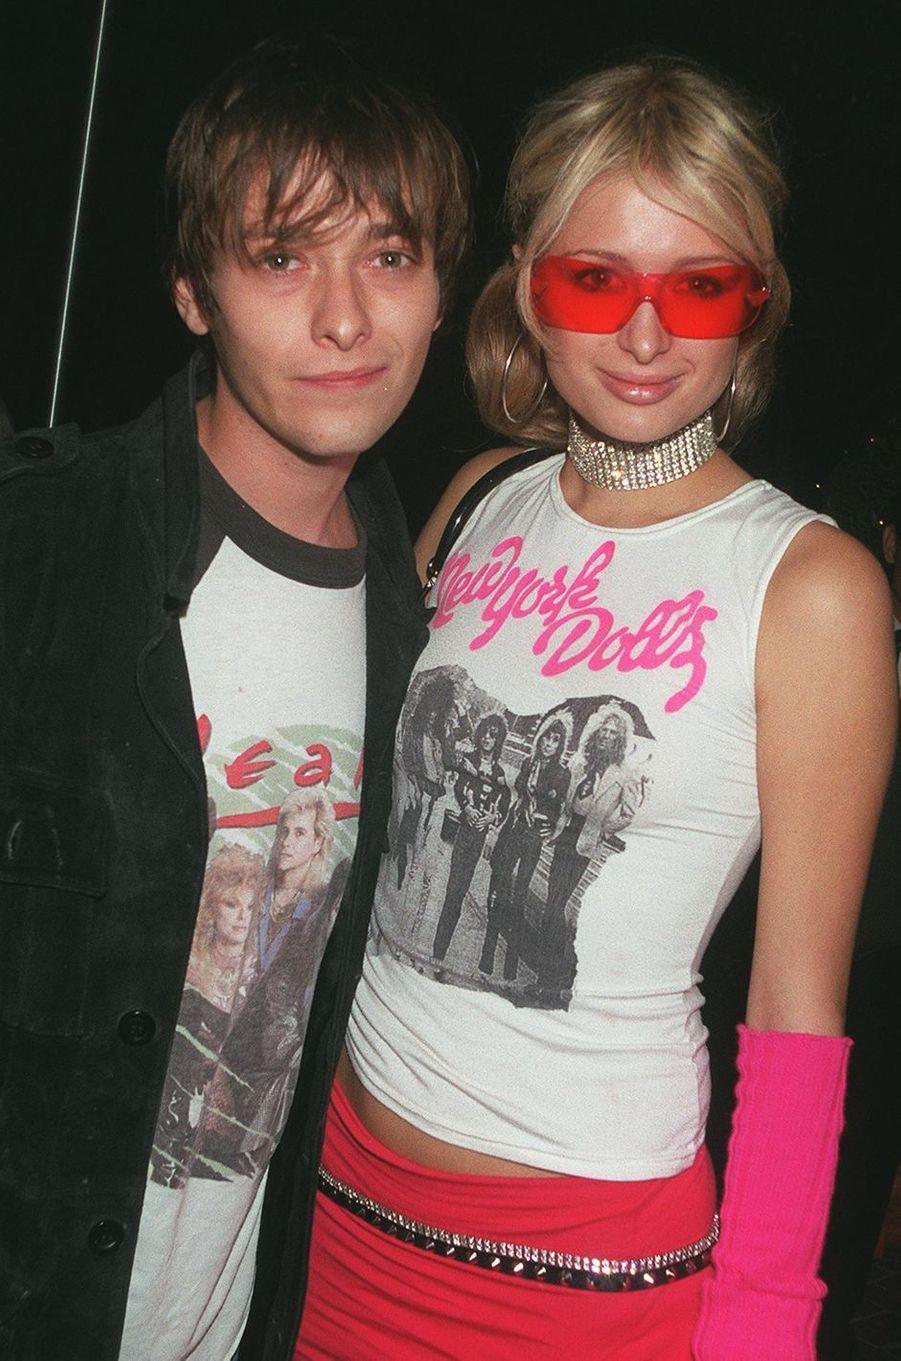 Paris Hilton et Edward Furlong (un acteur) ont eu une romance en 2000